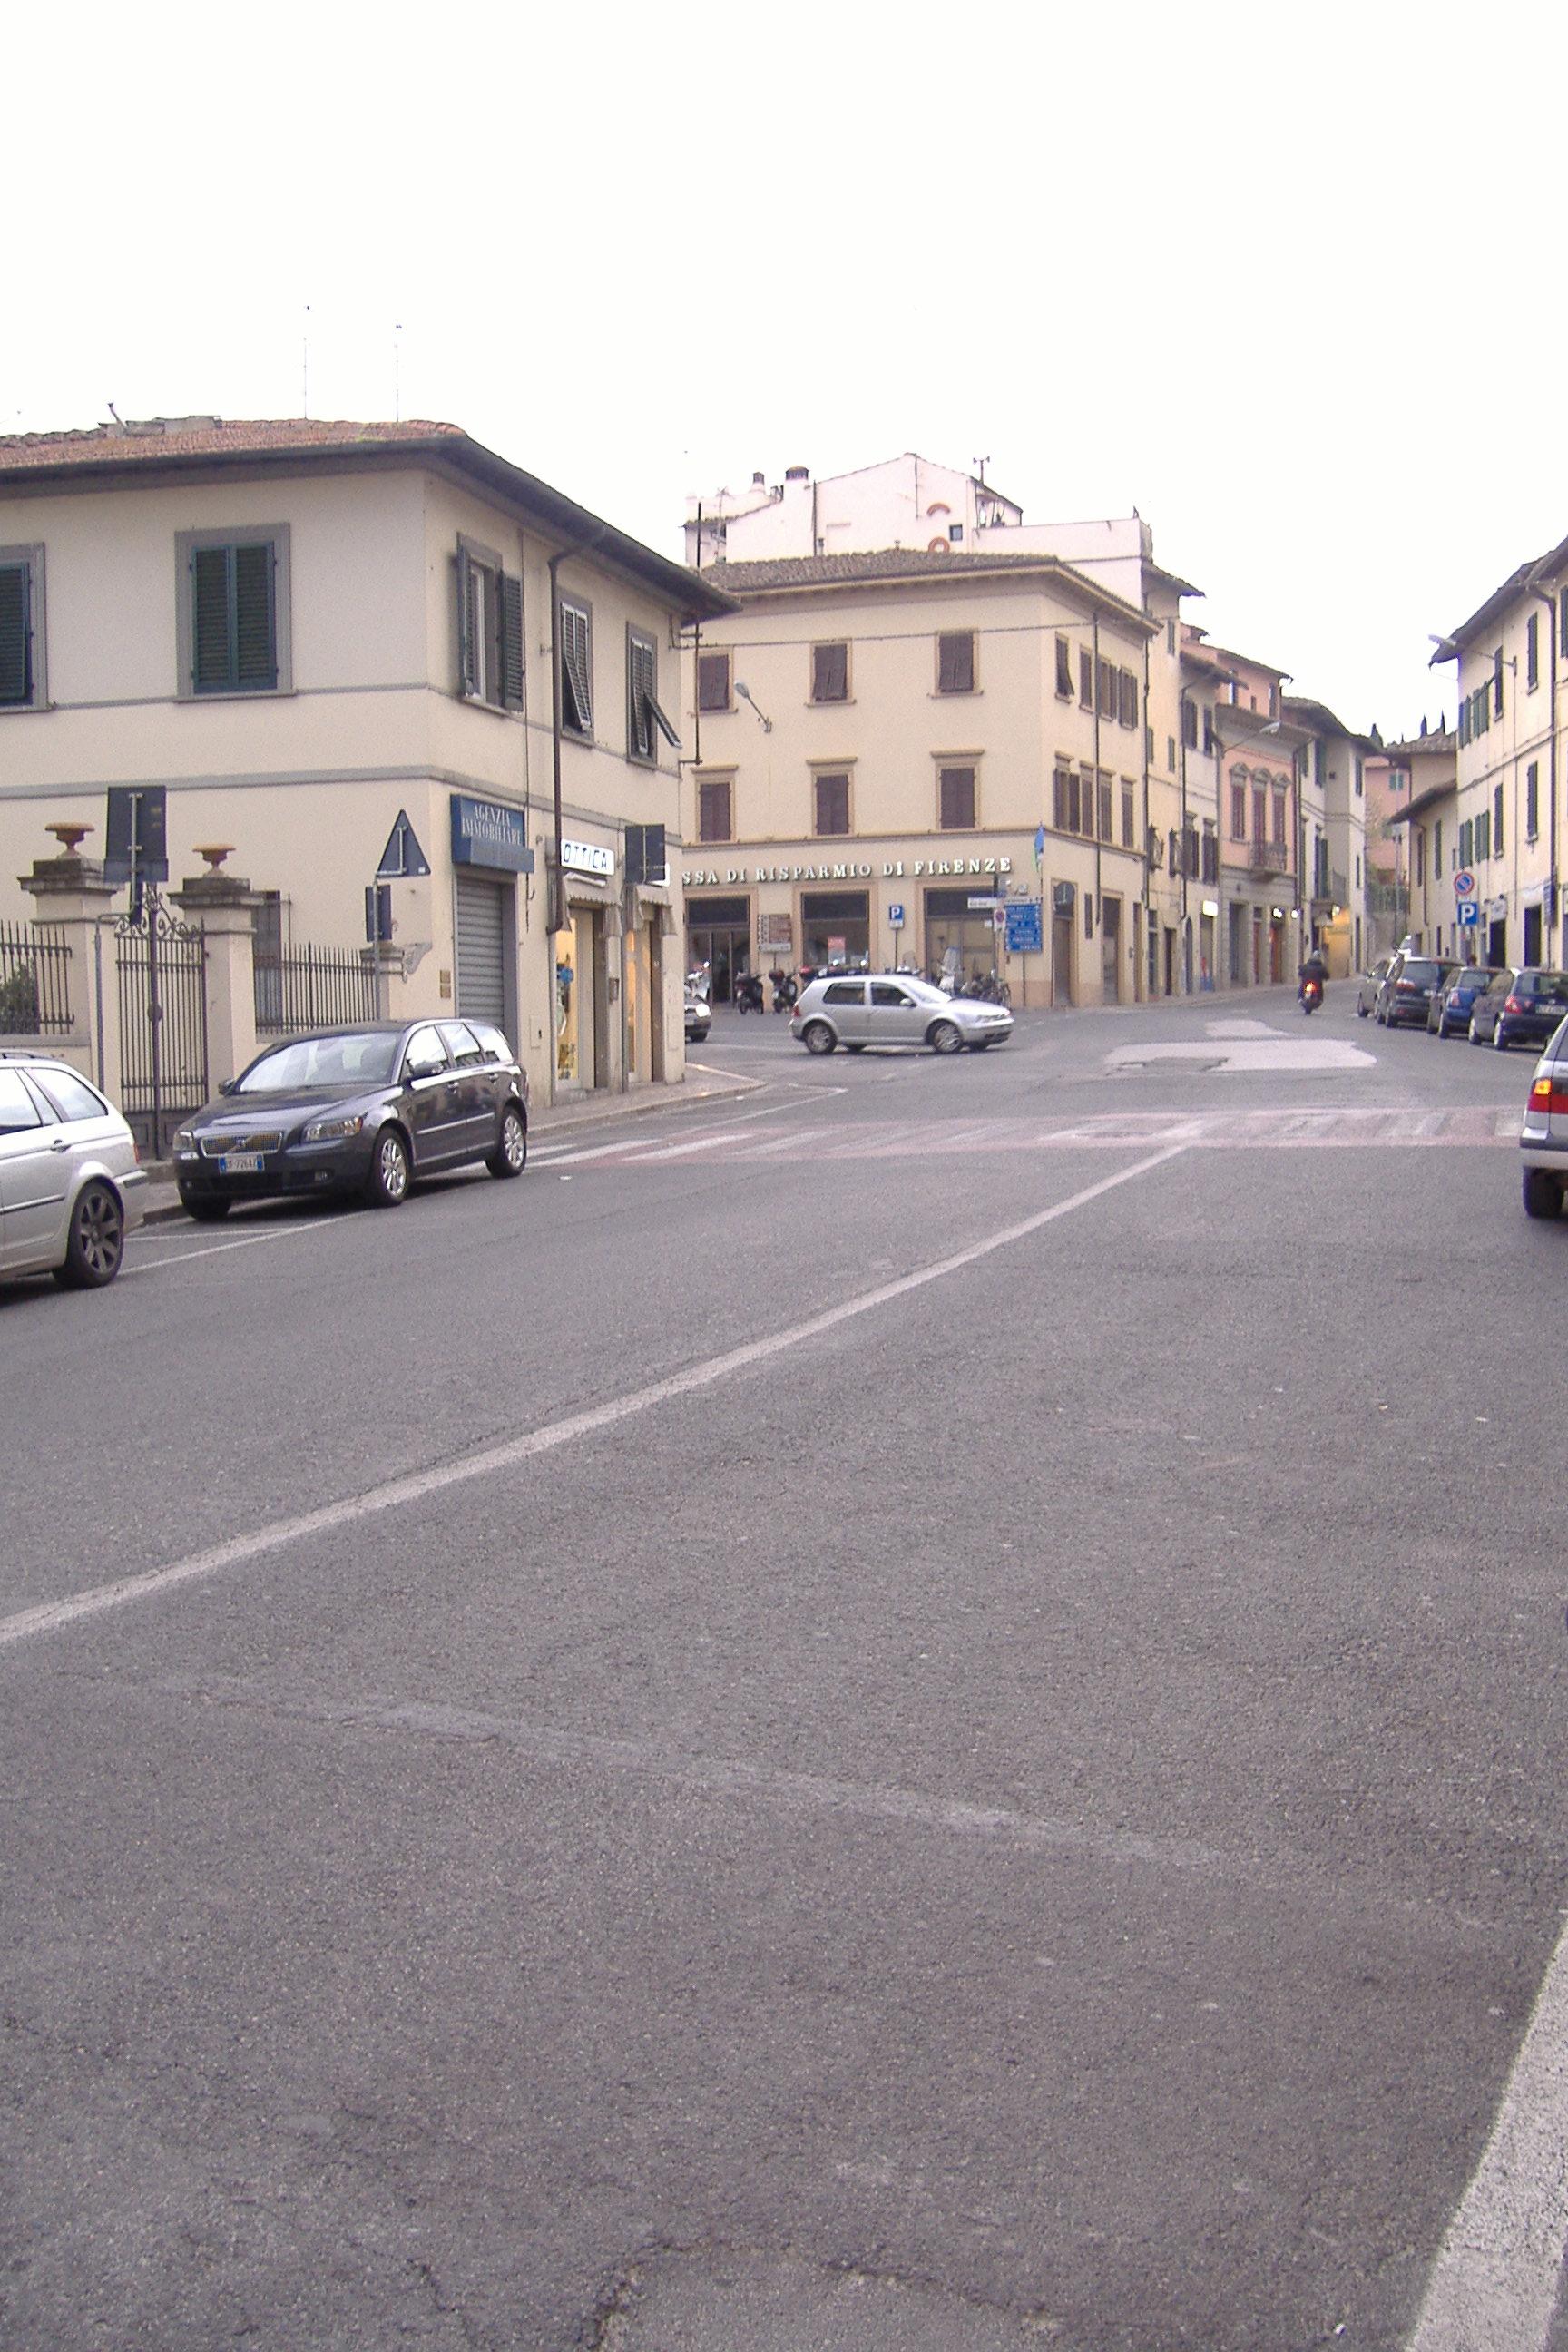 File:Bagno a Ripoli - Centro.JPG - Wikipedia